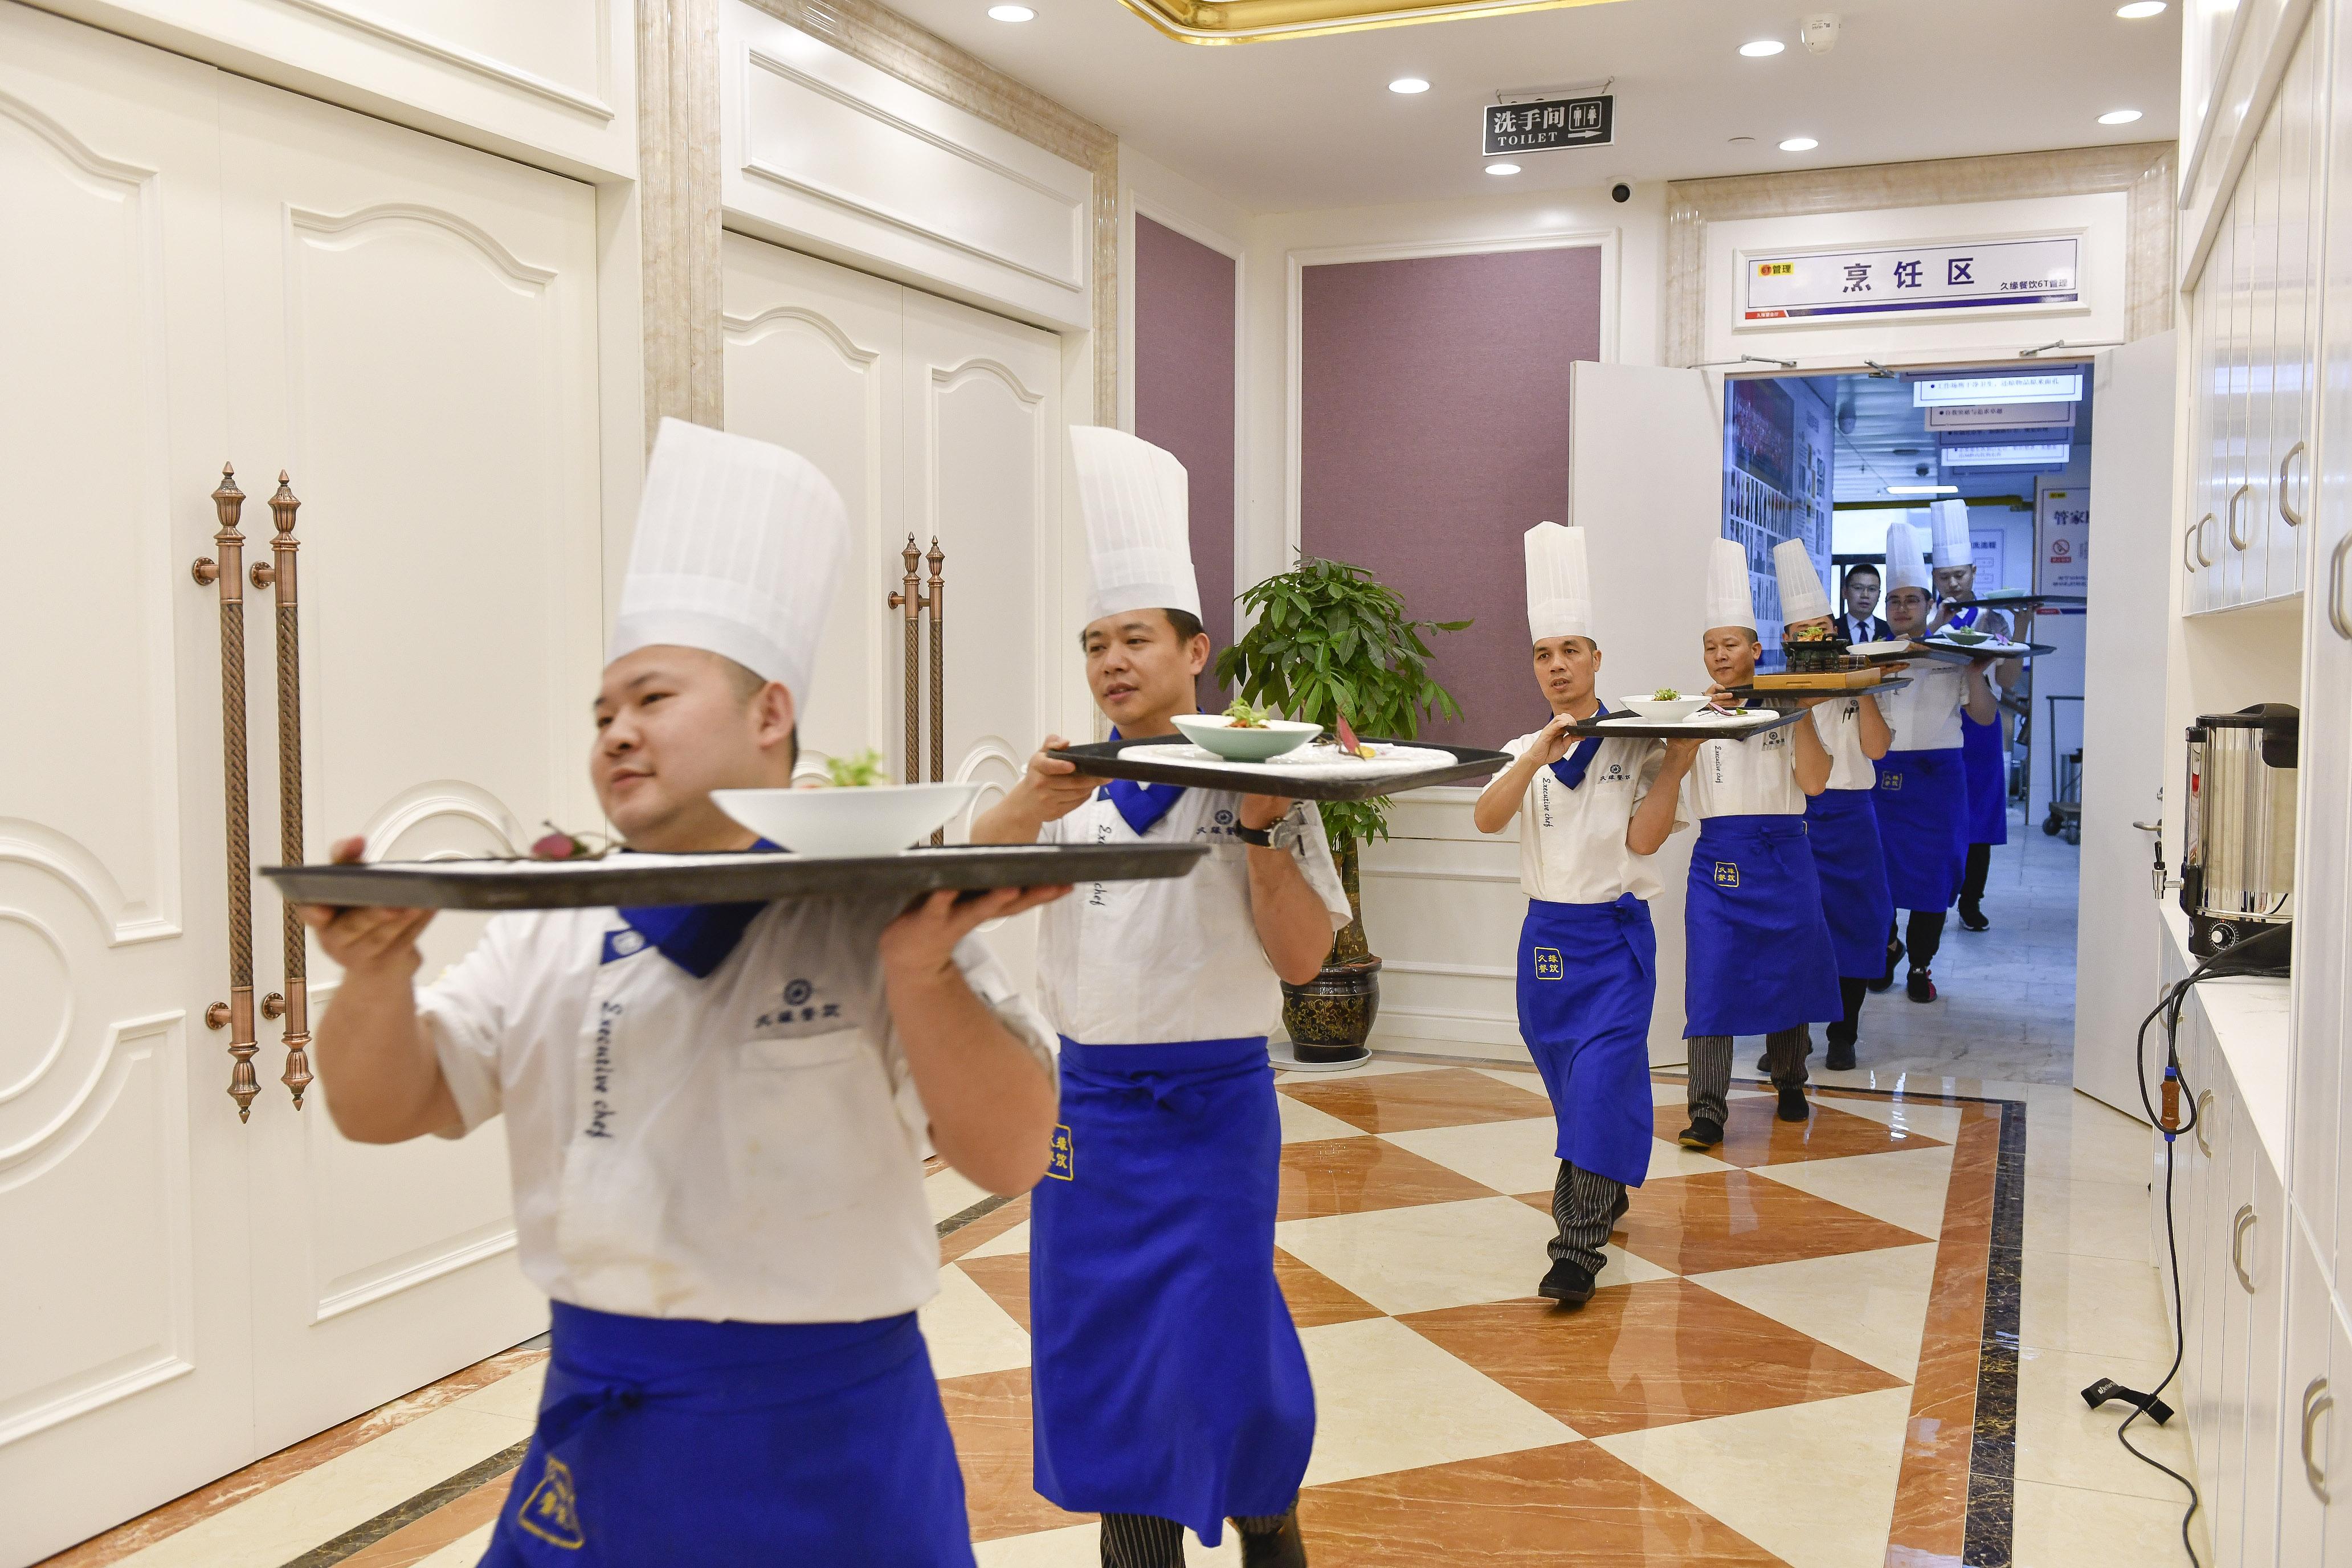 http://www.weixinrensheng.com/meishi/430828.html